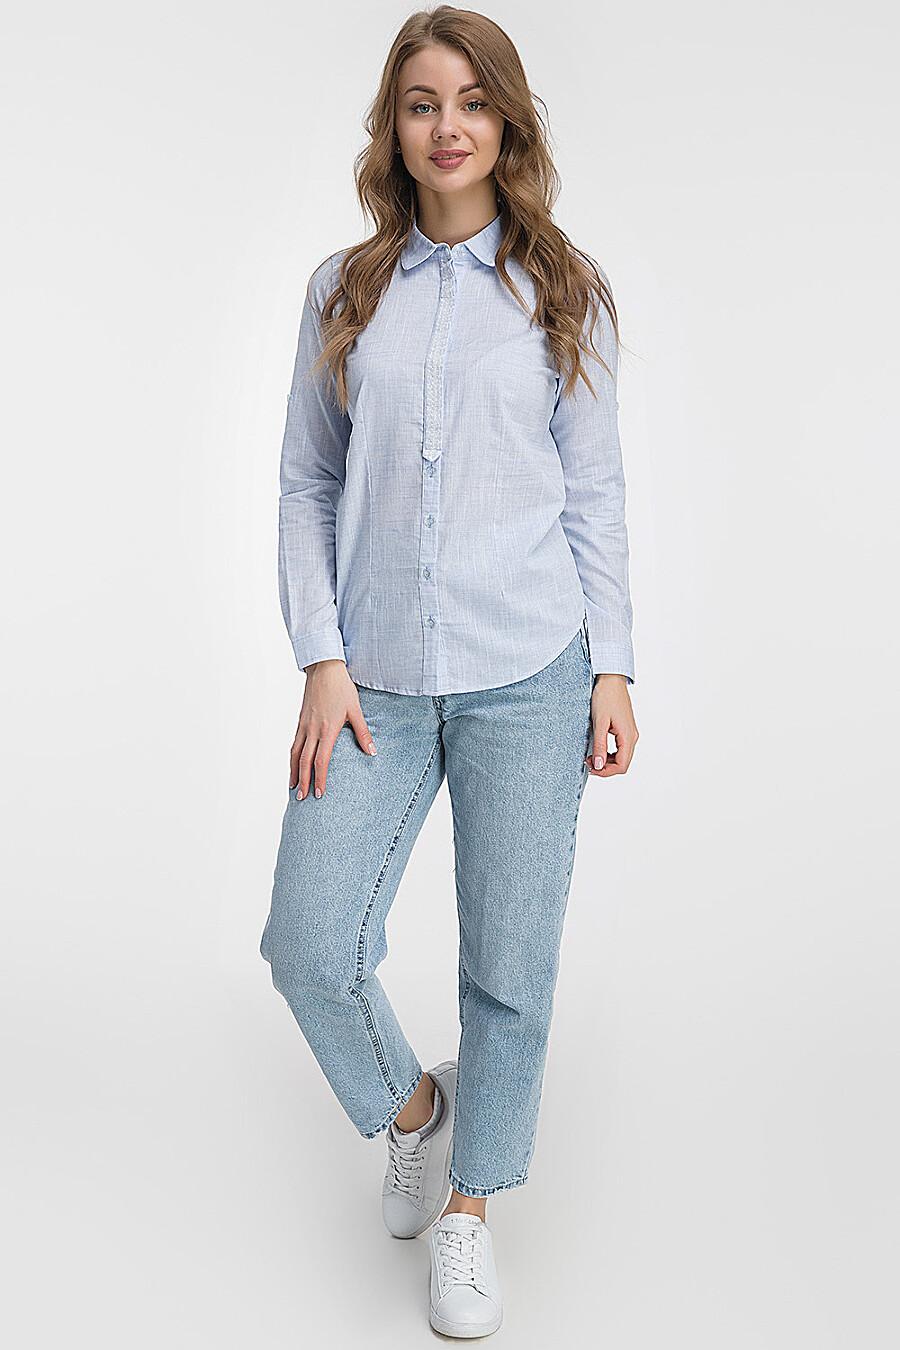 Рубашка для женщин MODALIME 184580 купить оптом от производителя. Совместная покупка женской одежды в OptMoyo